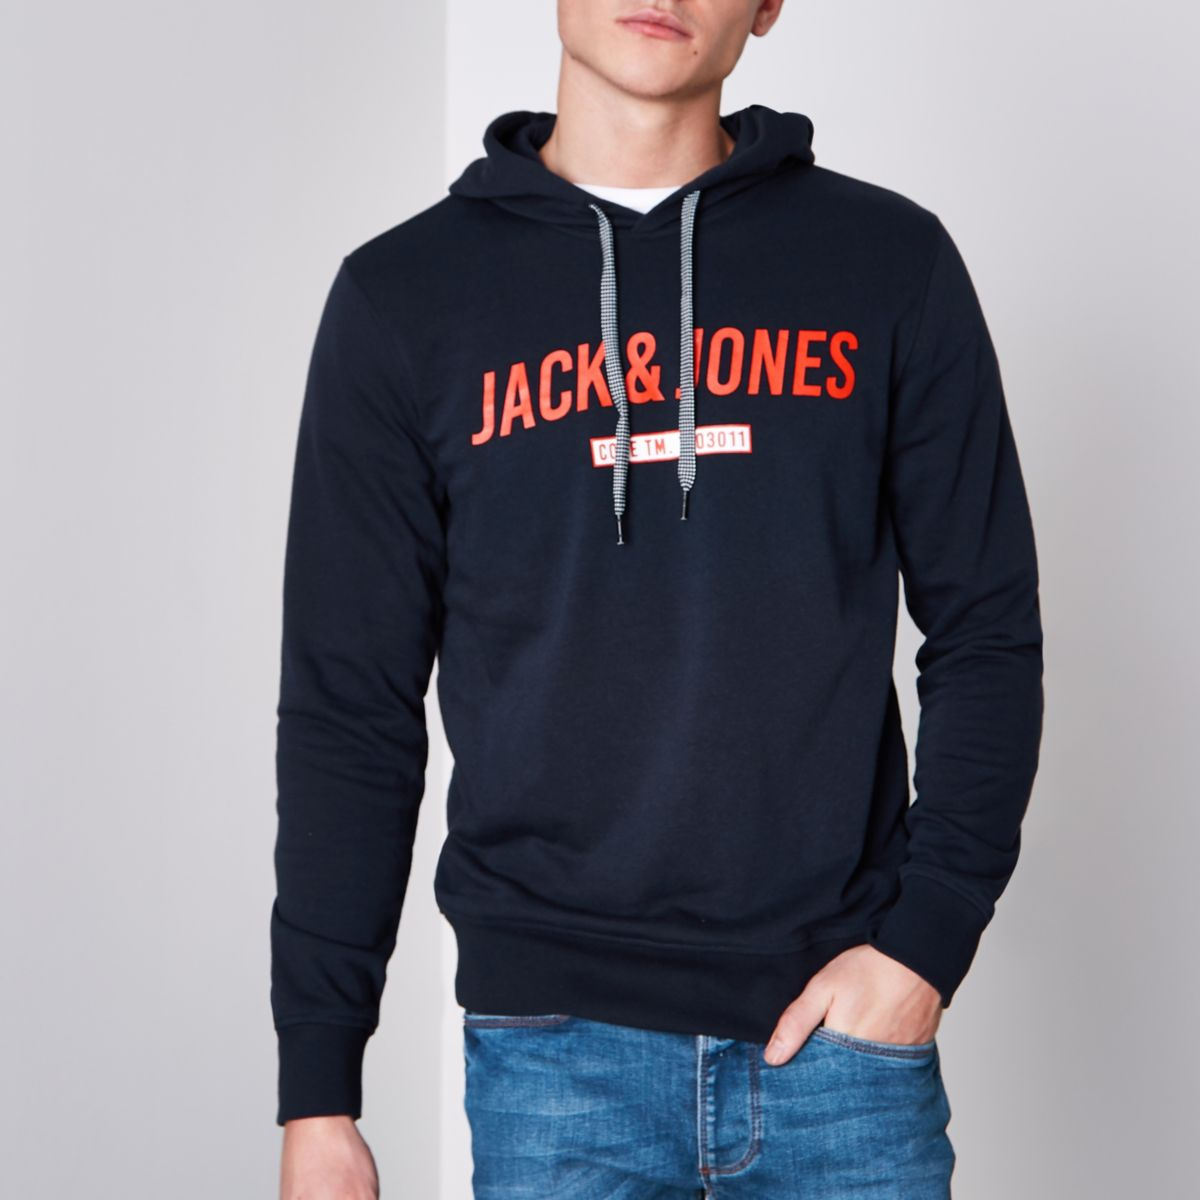 Jack & Jones Core - Zwarte hoodie met print